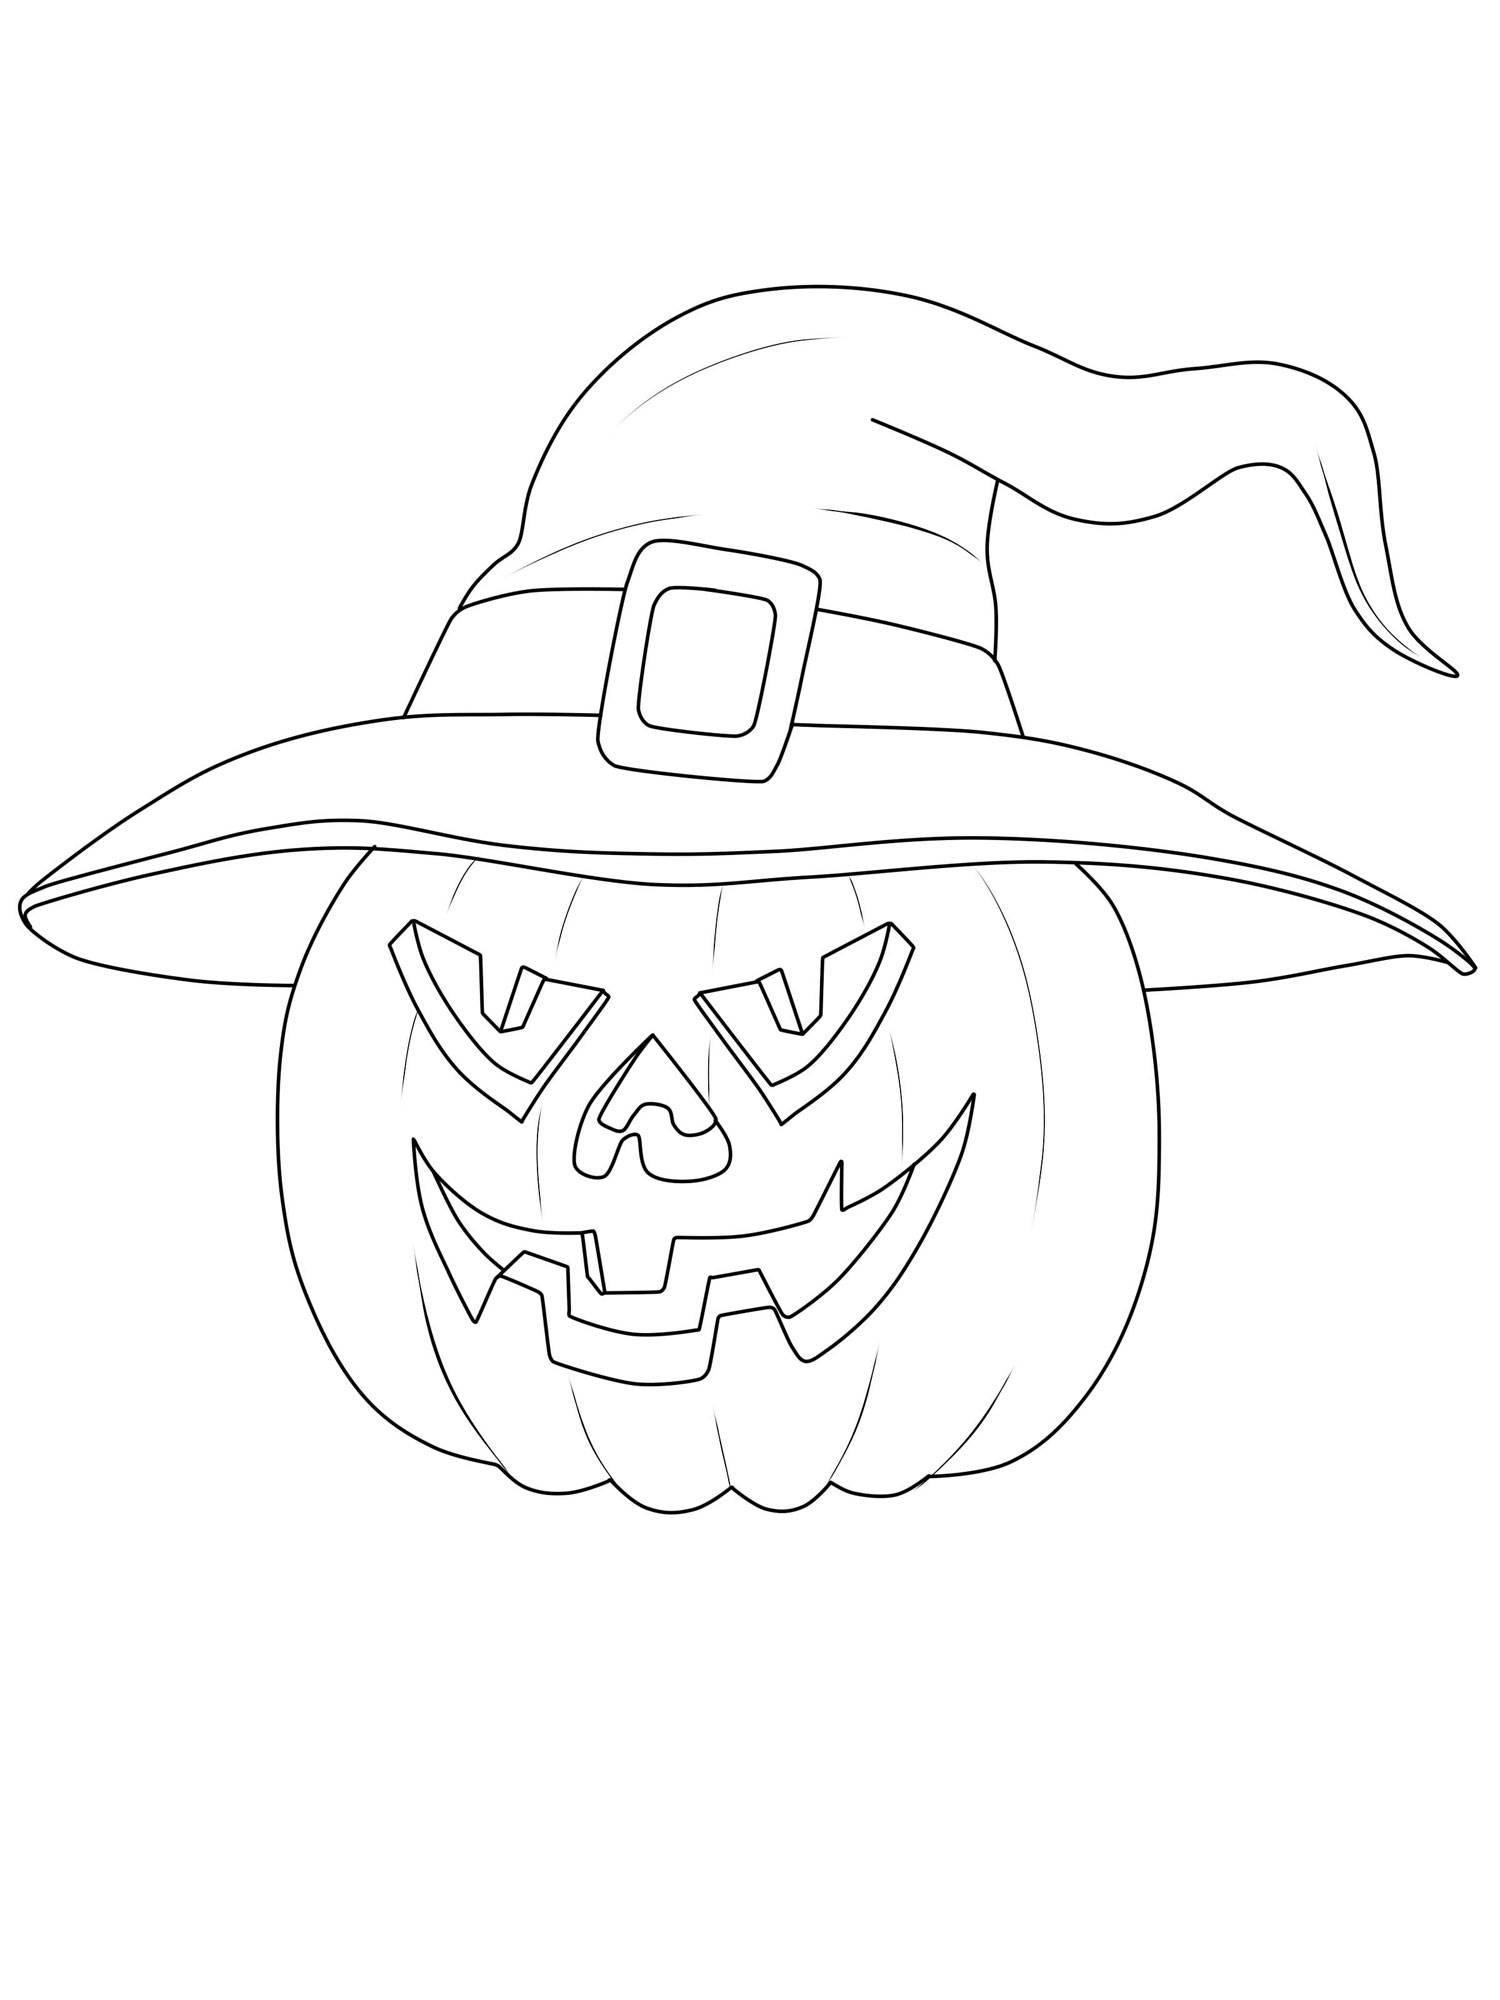 Kostenlose Malvorlage Halloween Kürbis-Hexe ausmalen zum